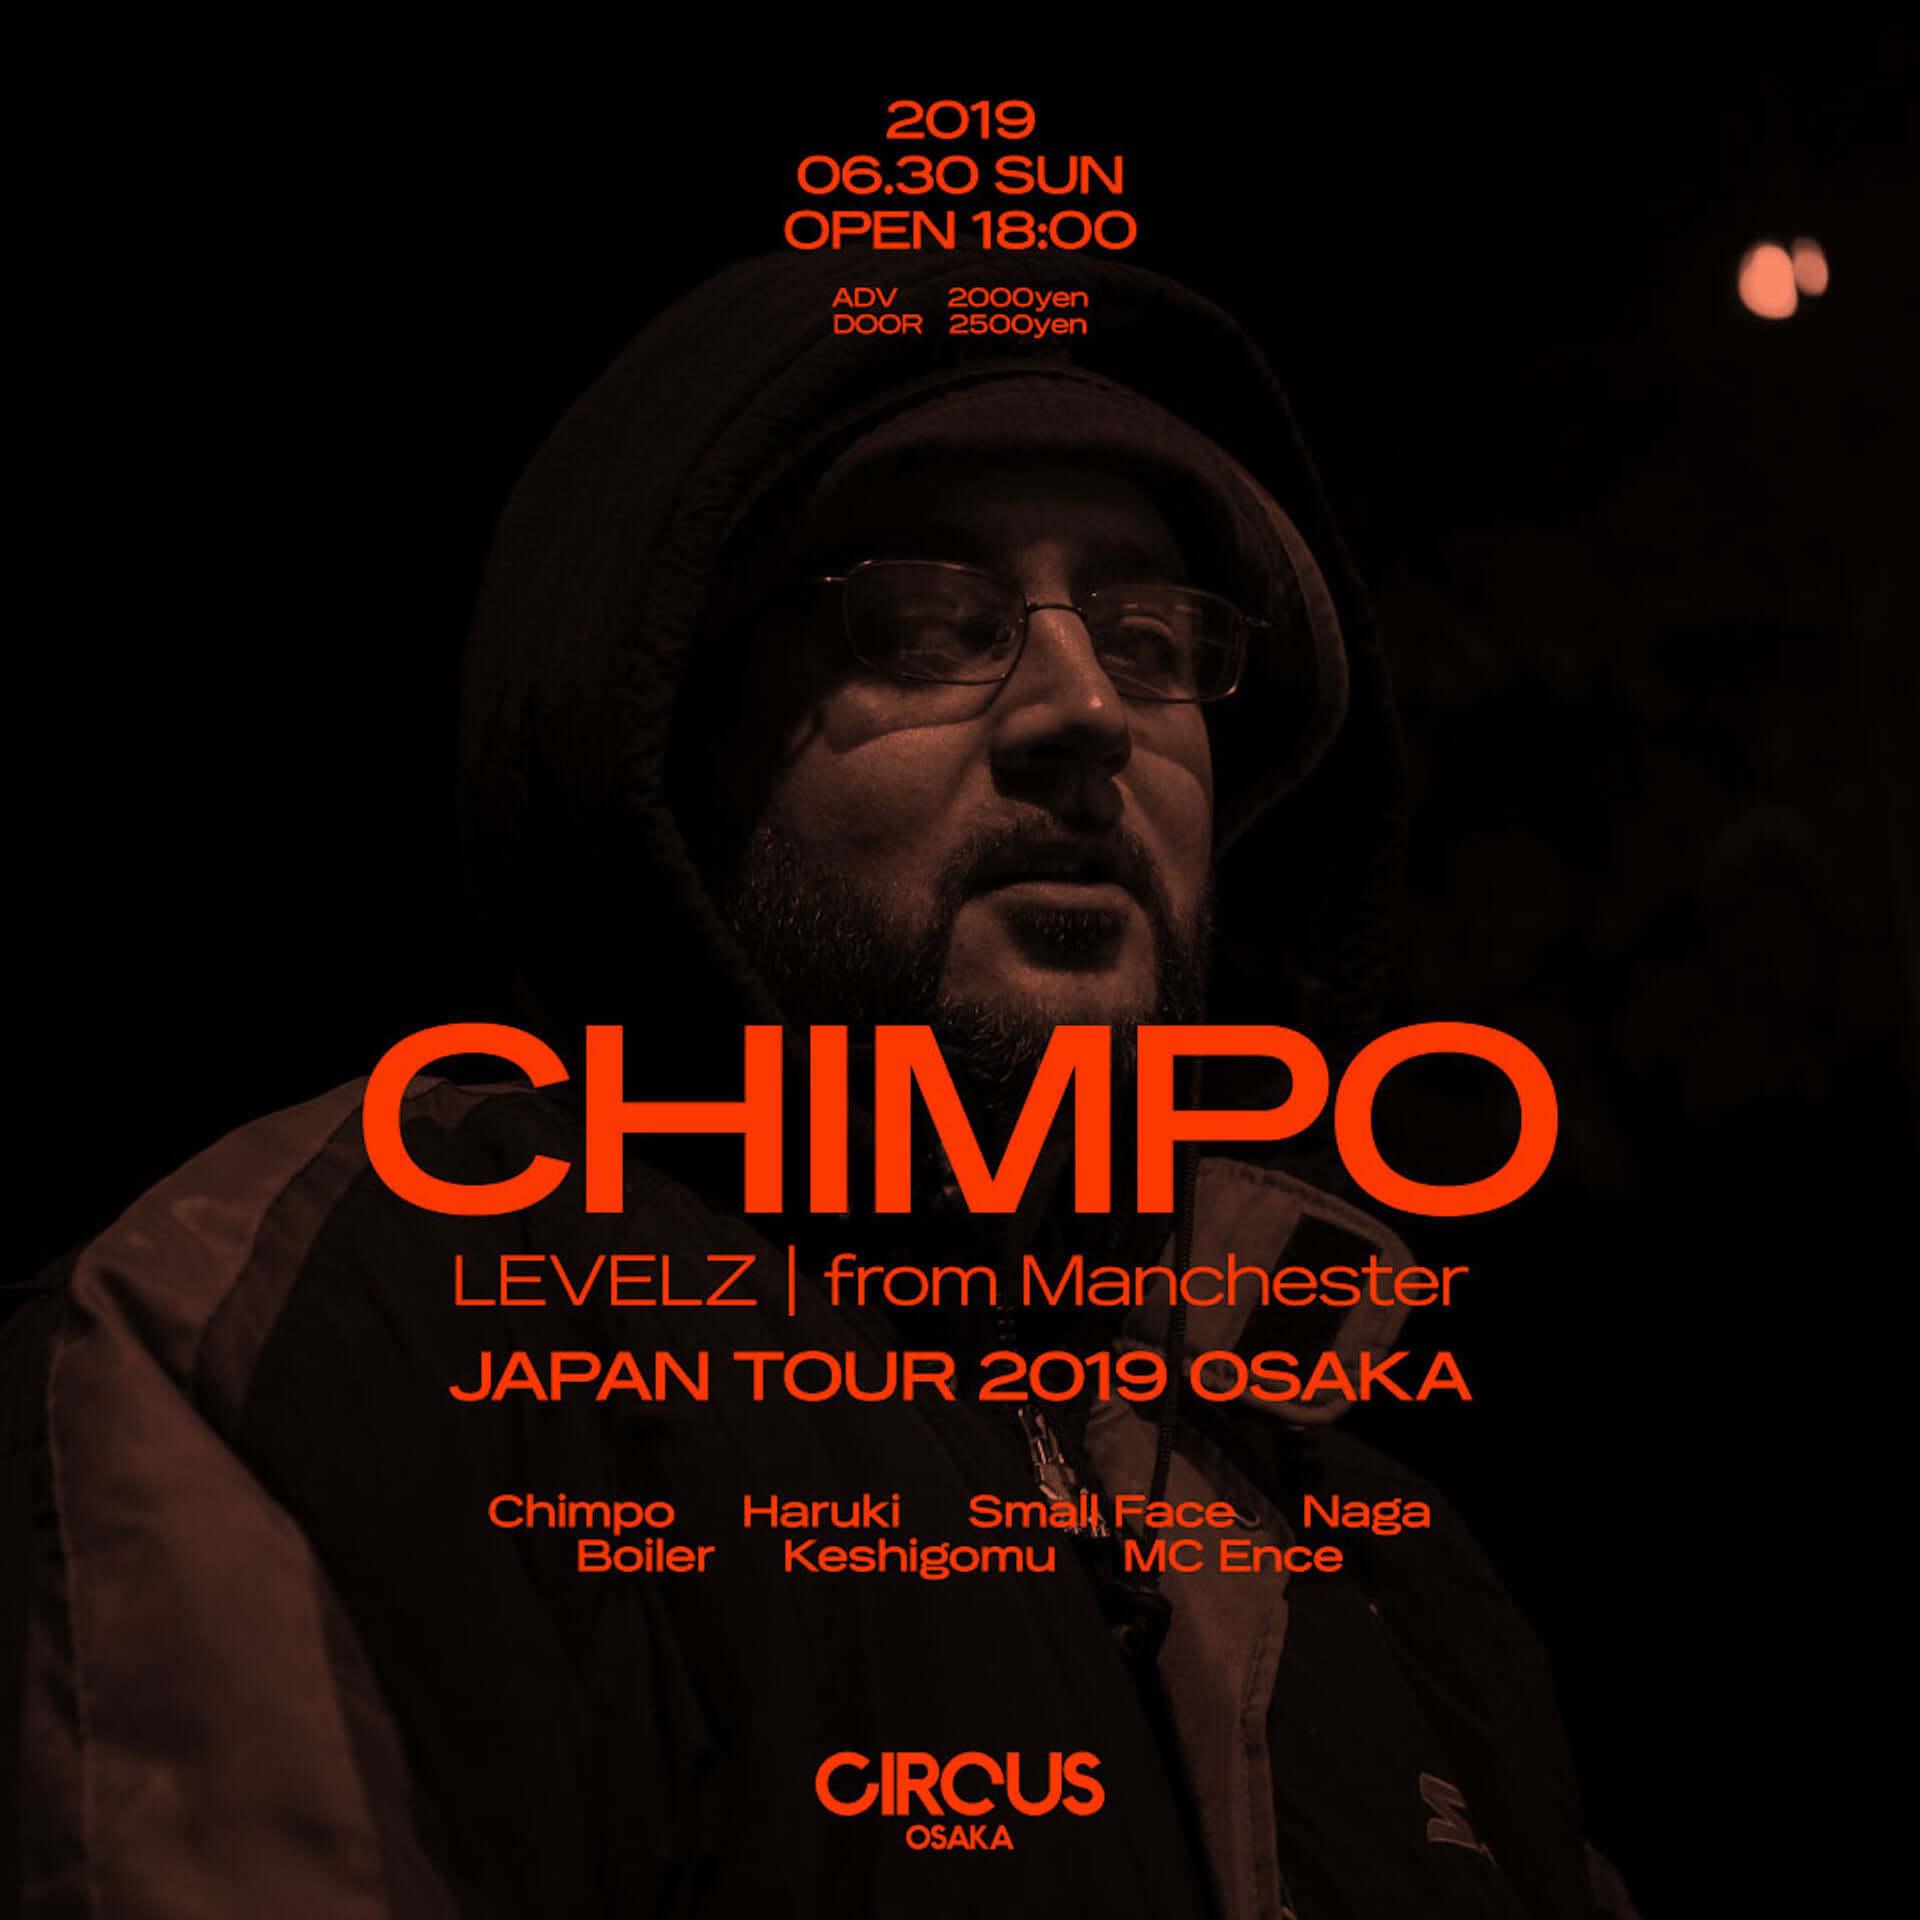 マンチェスターのベース・ミュージック・シーン筆頭LVLZの中心人物、CHIMPOが今週末CIRCUSに登場 music190628_lvlz_chimpo_1-1920x1920